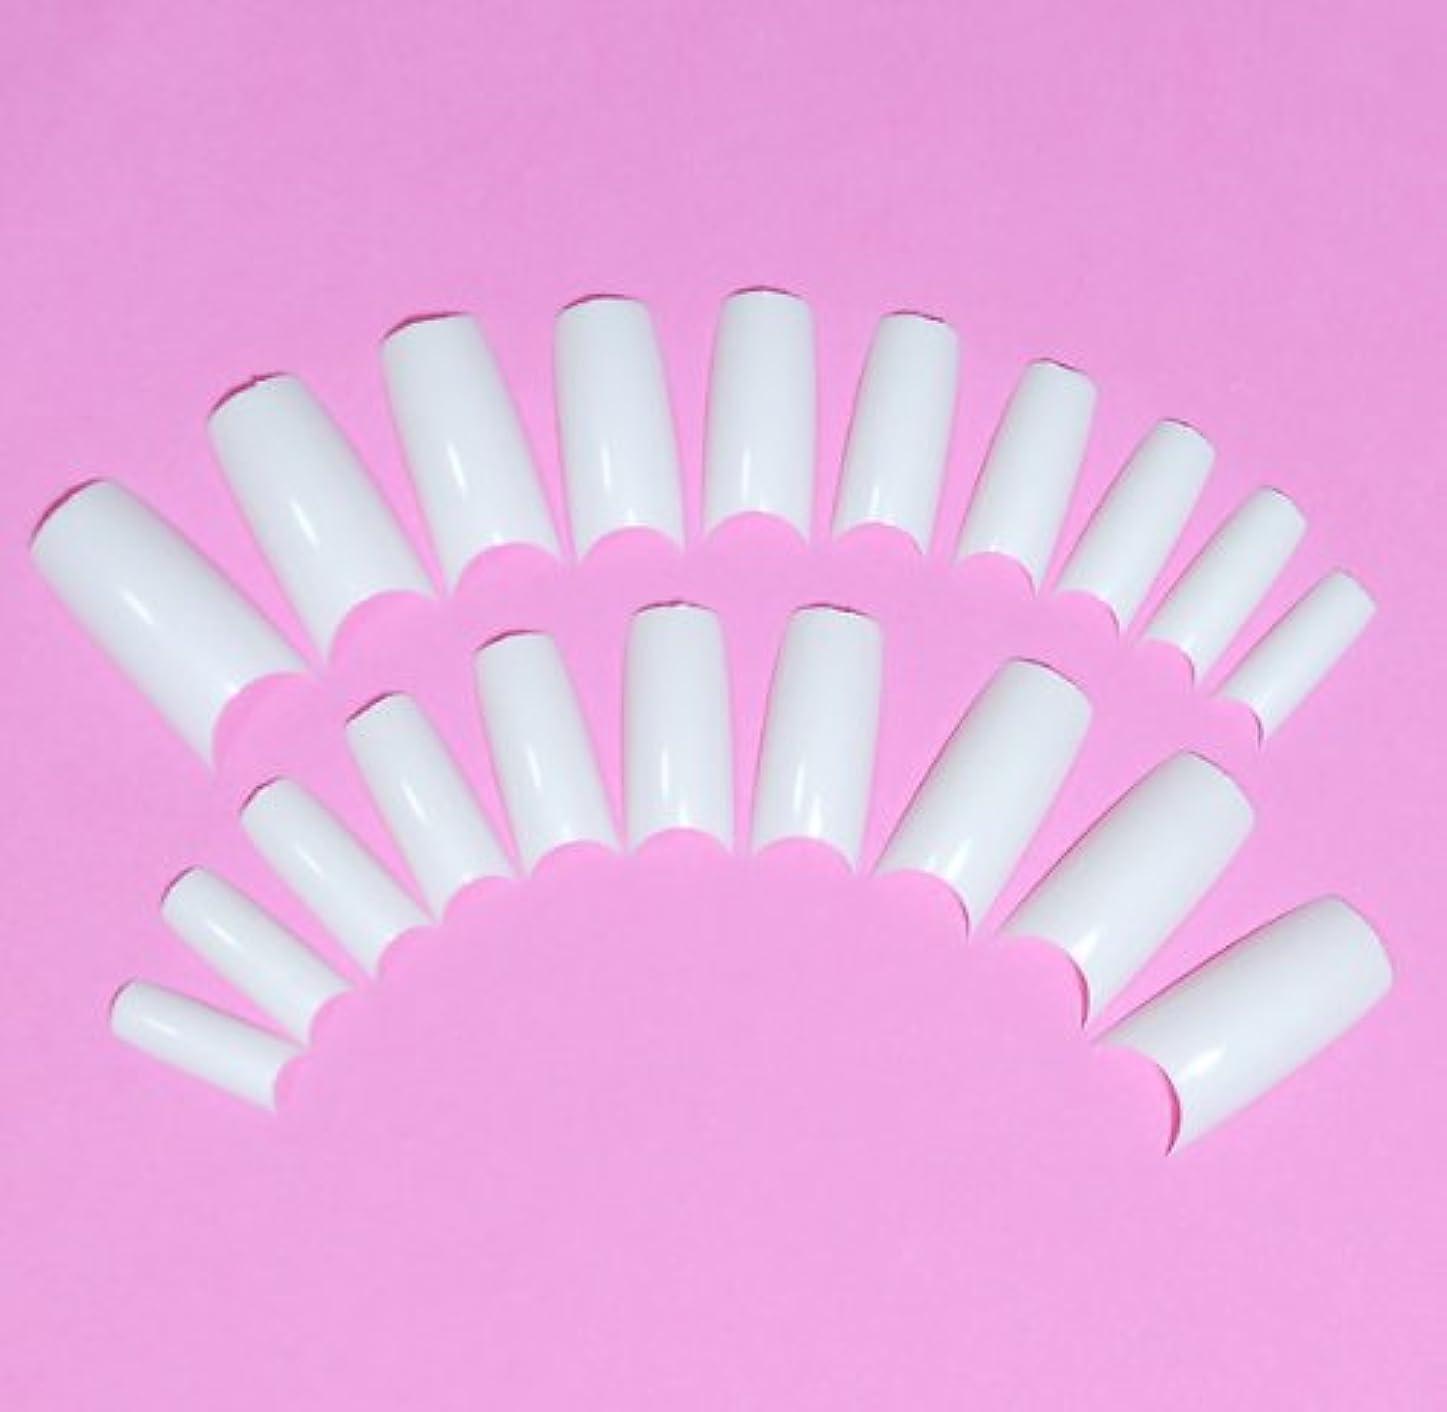 クレア近々ロールネイルチップ チップオーバーレイ用 20枚入 フレンチホワイト スカルプチャー つけ爪付け爪